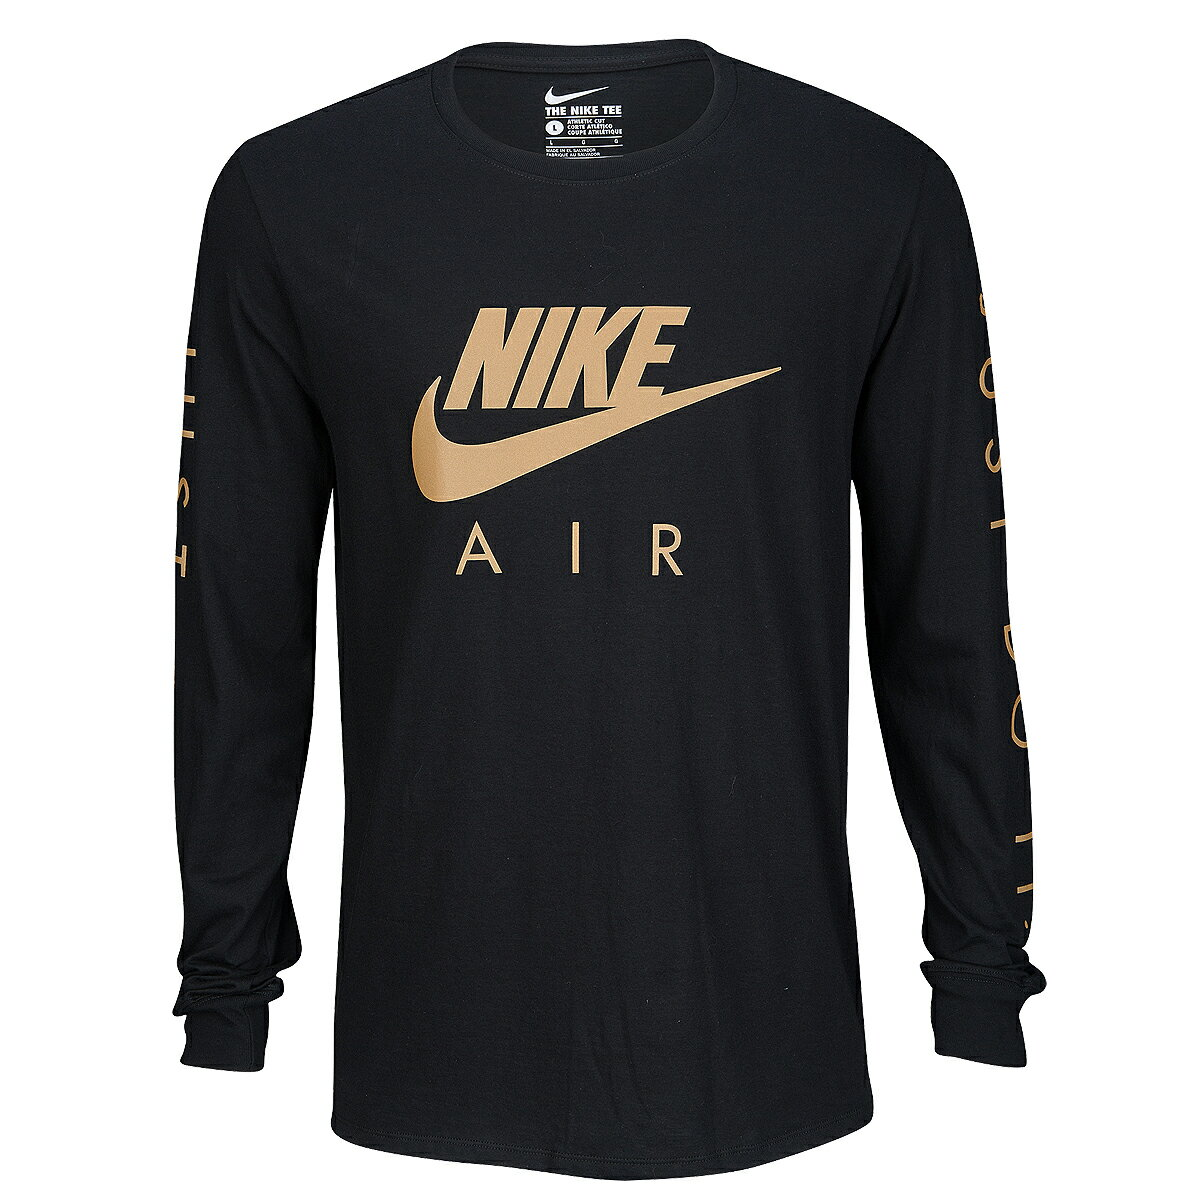 NIKE ナイキ メンズ 長袖Tシャツ ブラック ゴールド グラフィック ロングスリーブ Tシャツ Nike Graphic Long Sleeve T-Shirt Black Light Gold